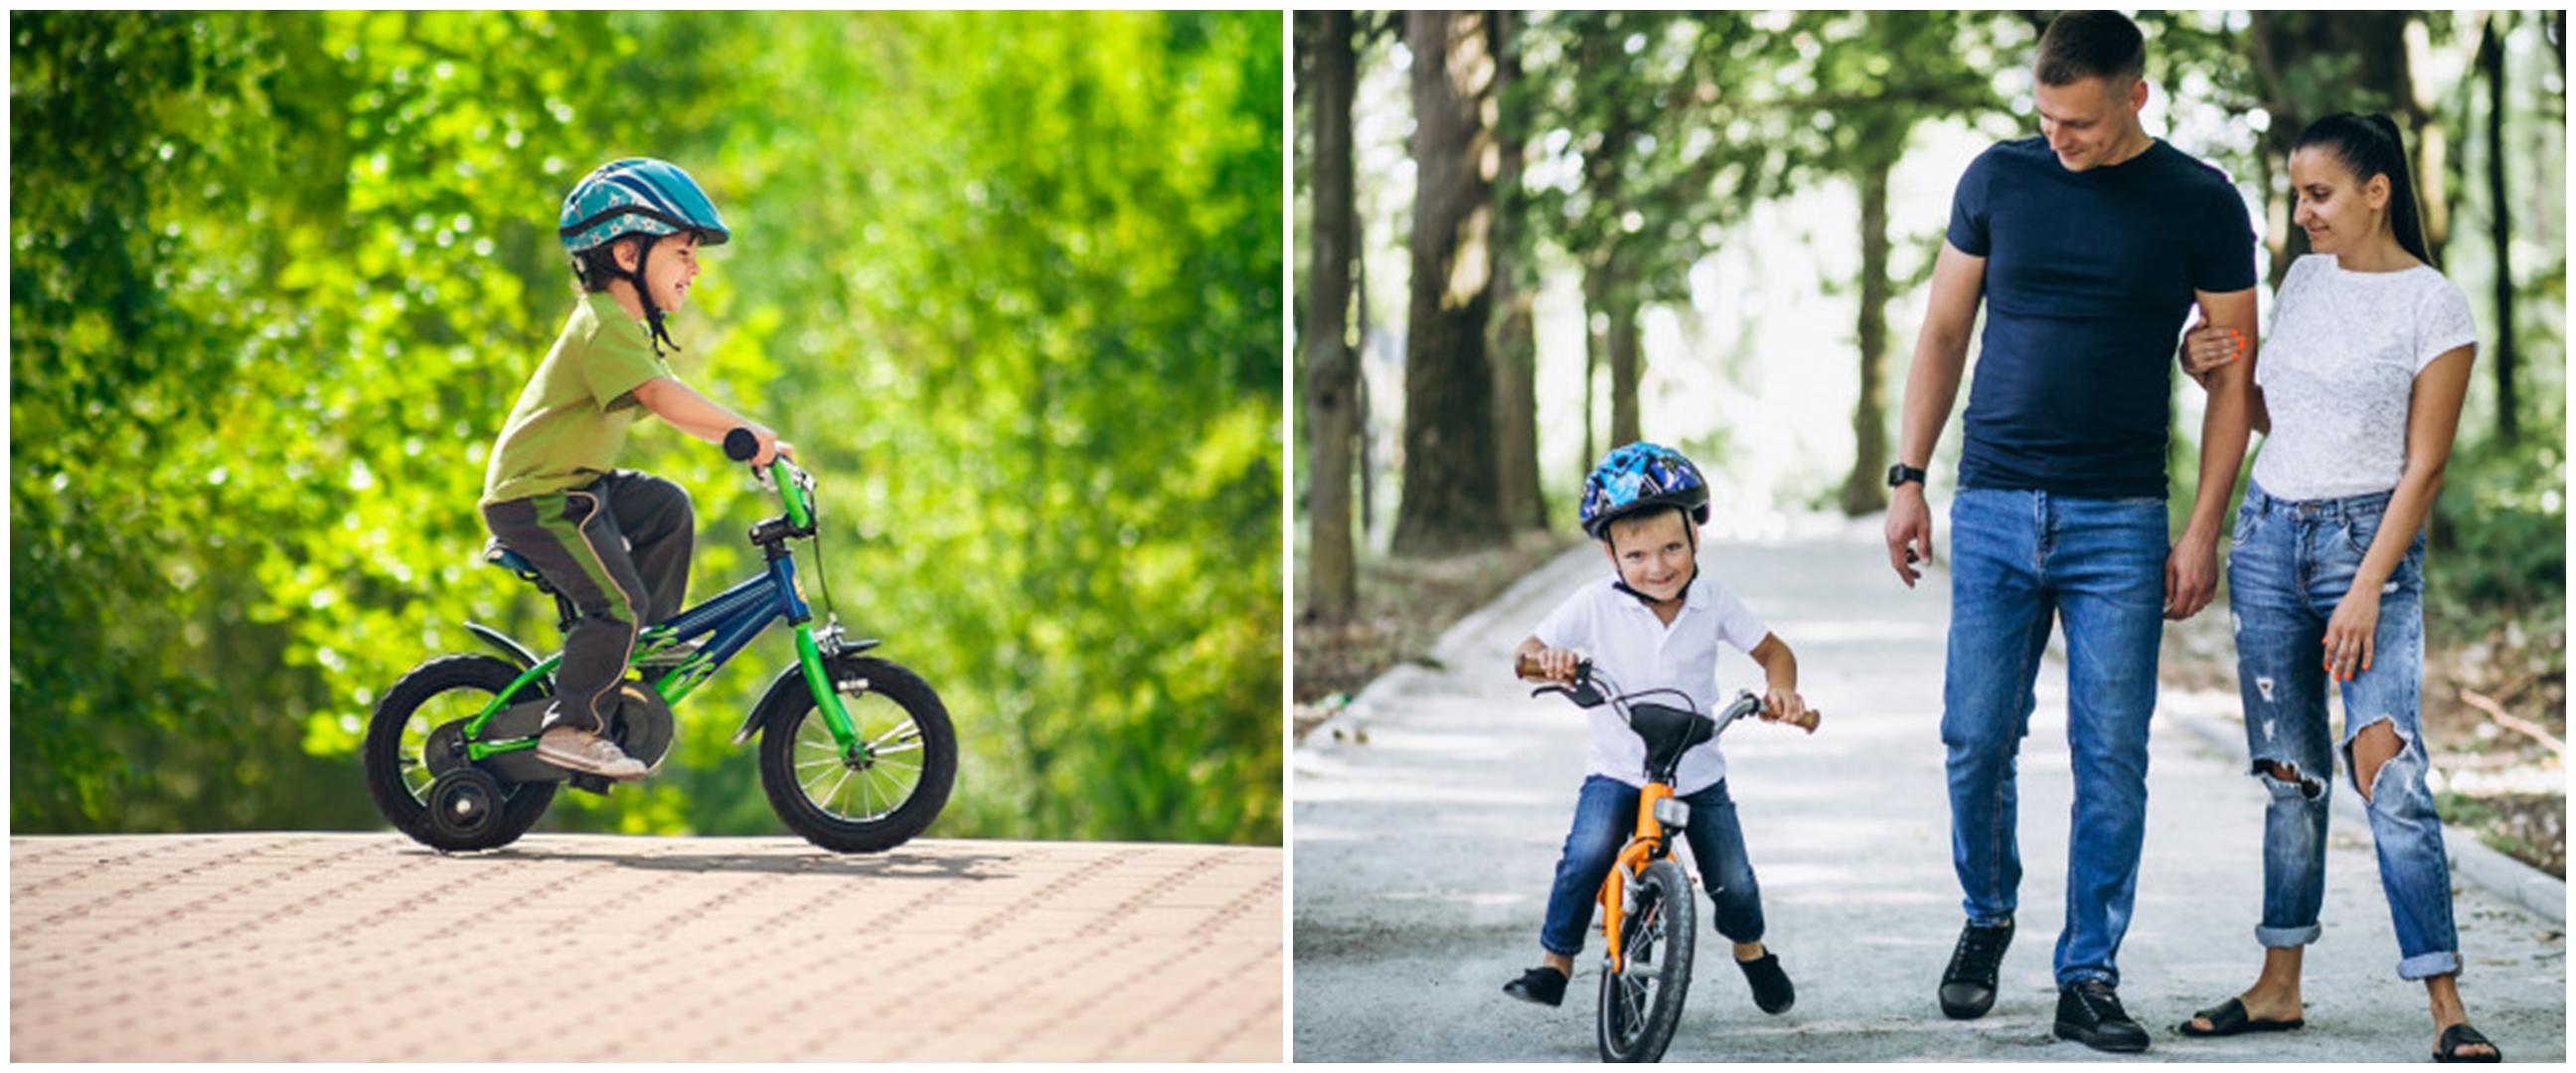 8 Manfaat bersepeda bagi perkembangan anak, sehat fisik dan mental